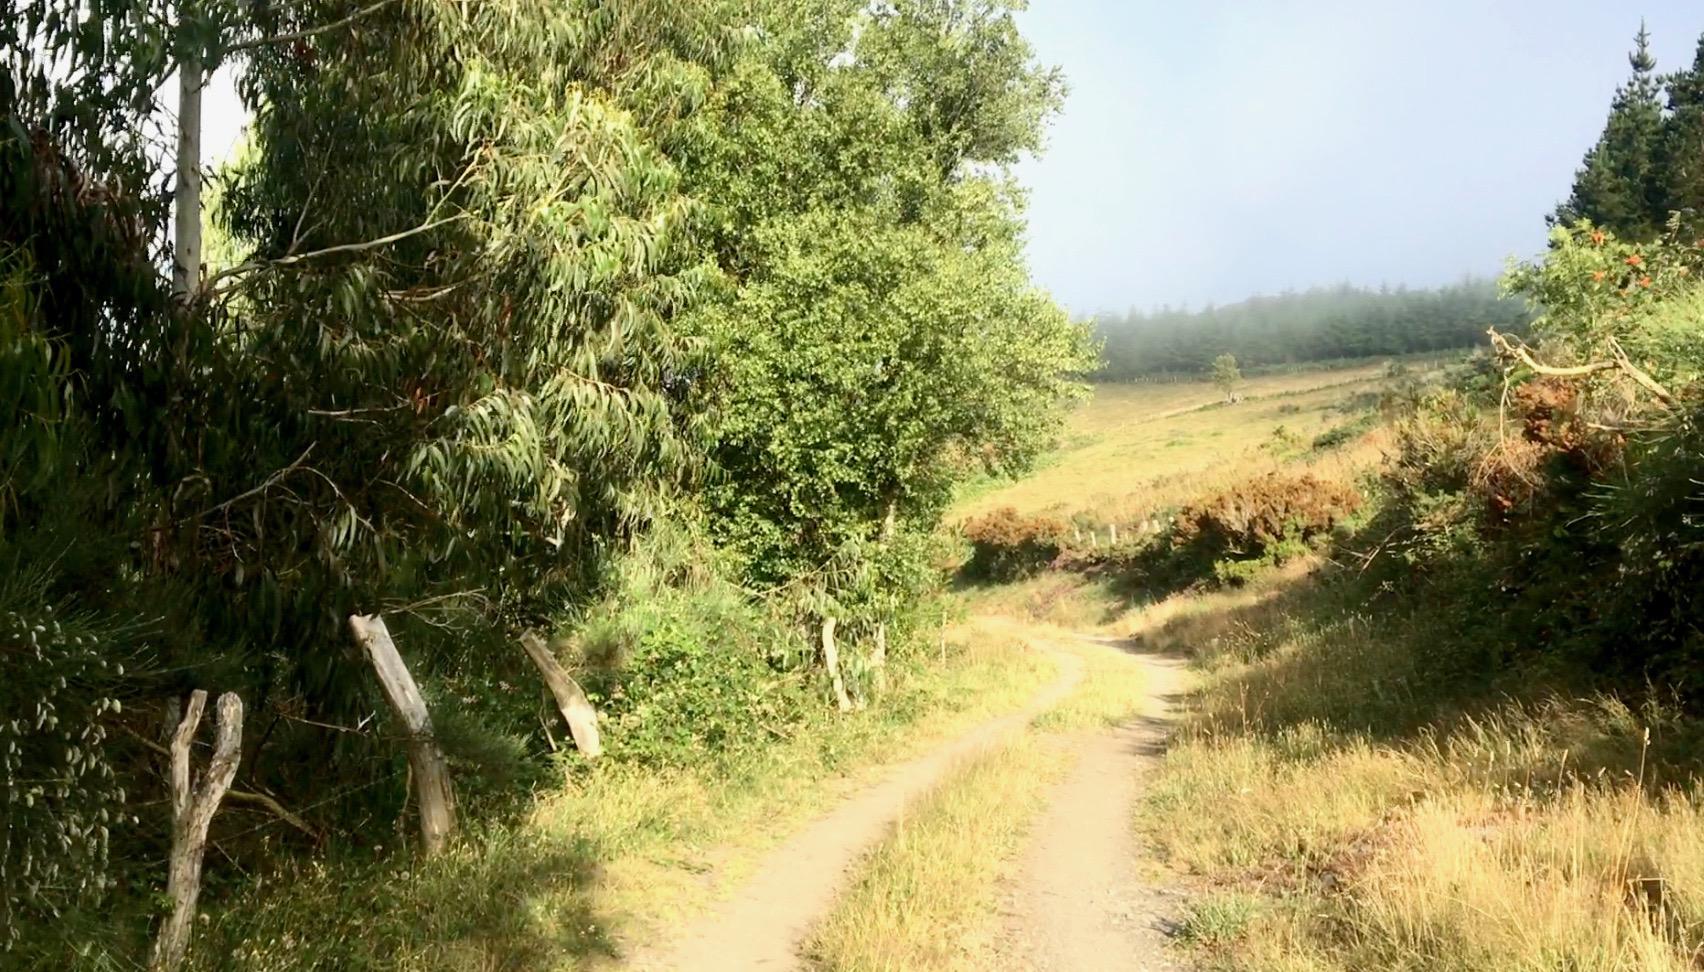 Path of the Camino Primitivo